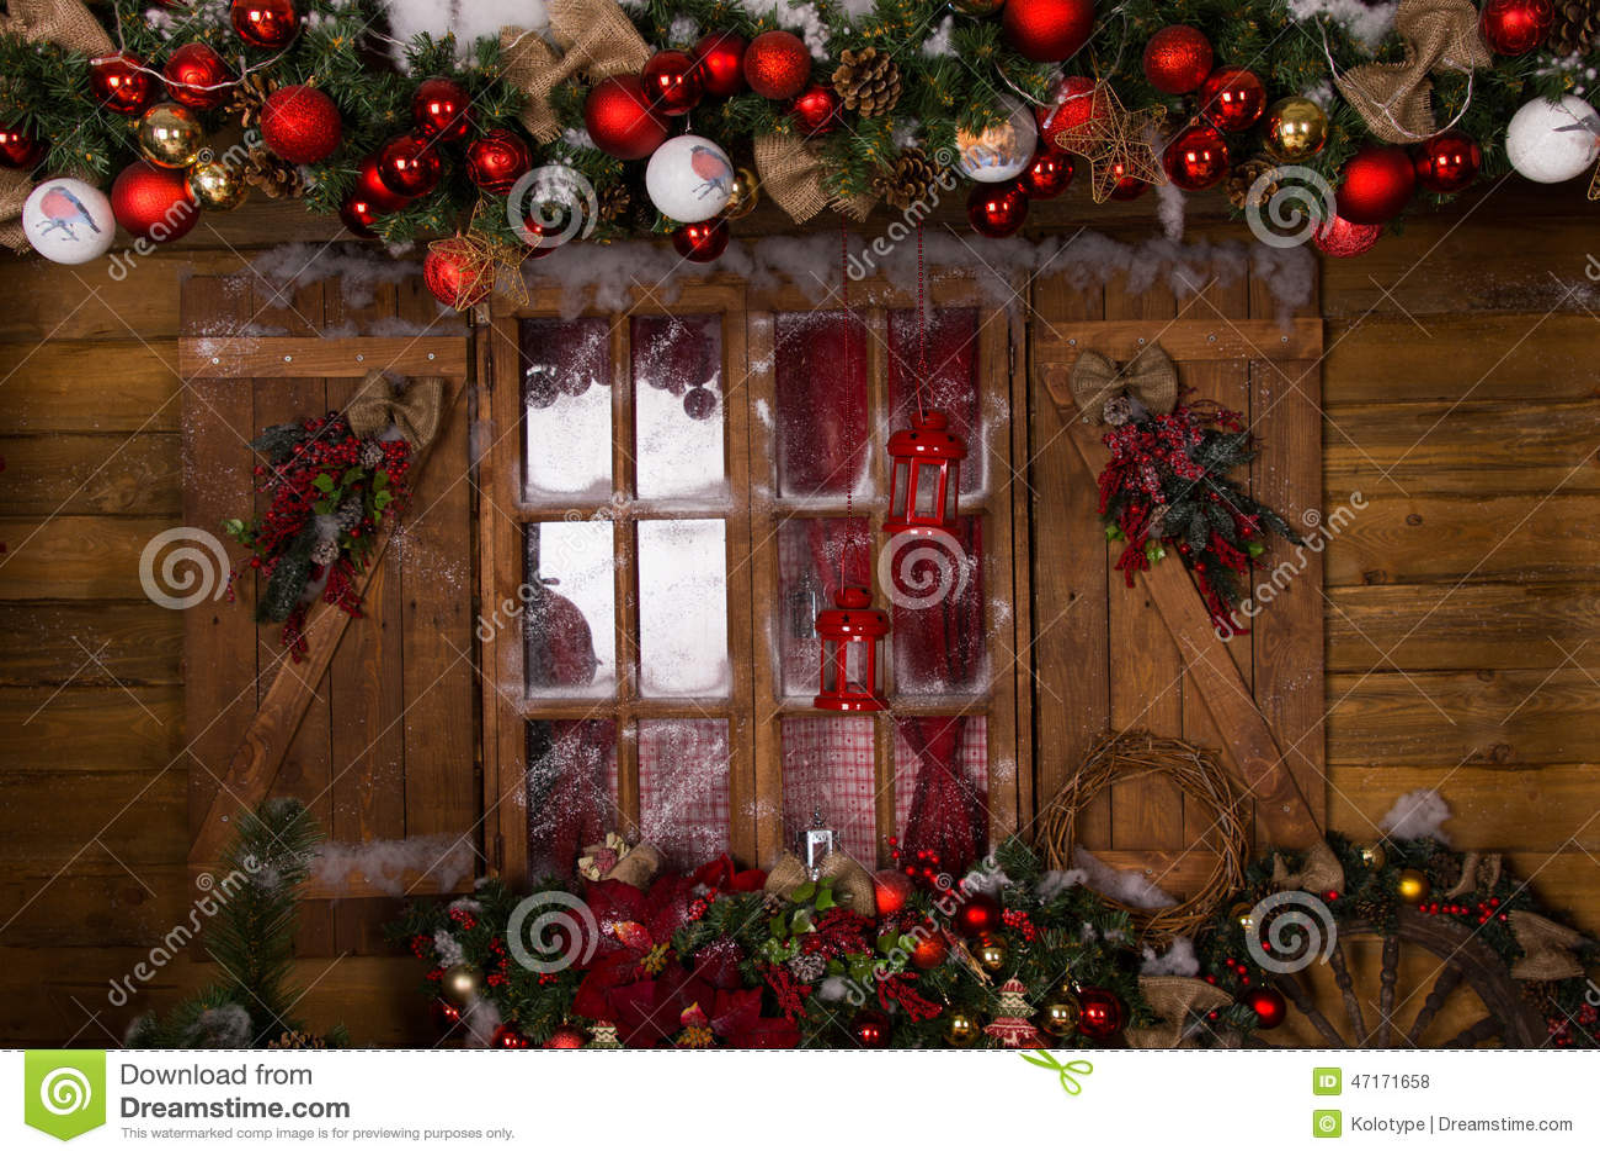 #B91812 Decorações Do Natal Na Janela De Vidro Com Quadro De Madeira Foto de  610 Janelas En Vidros